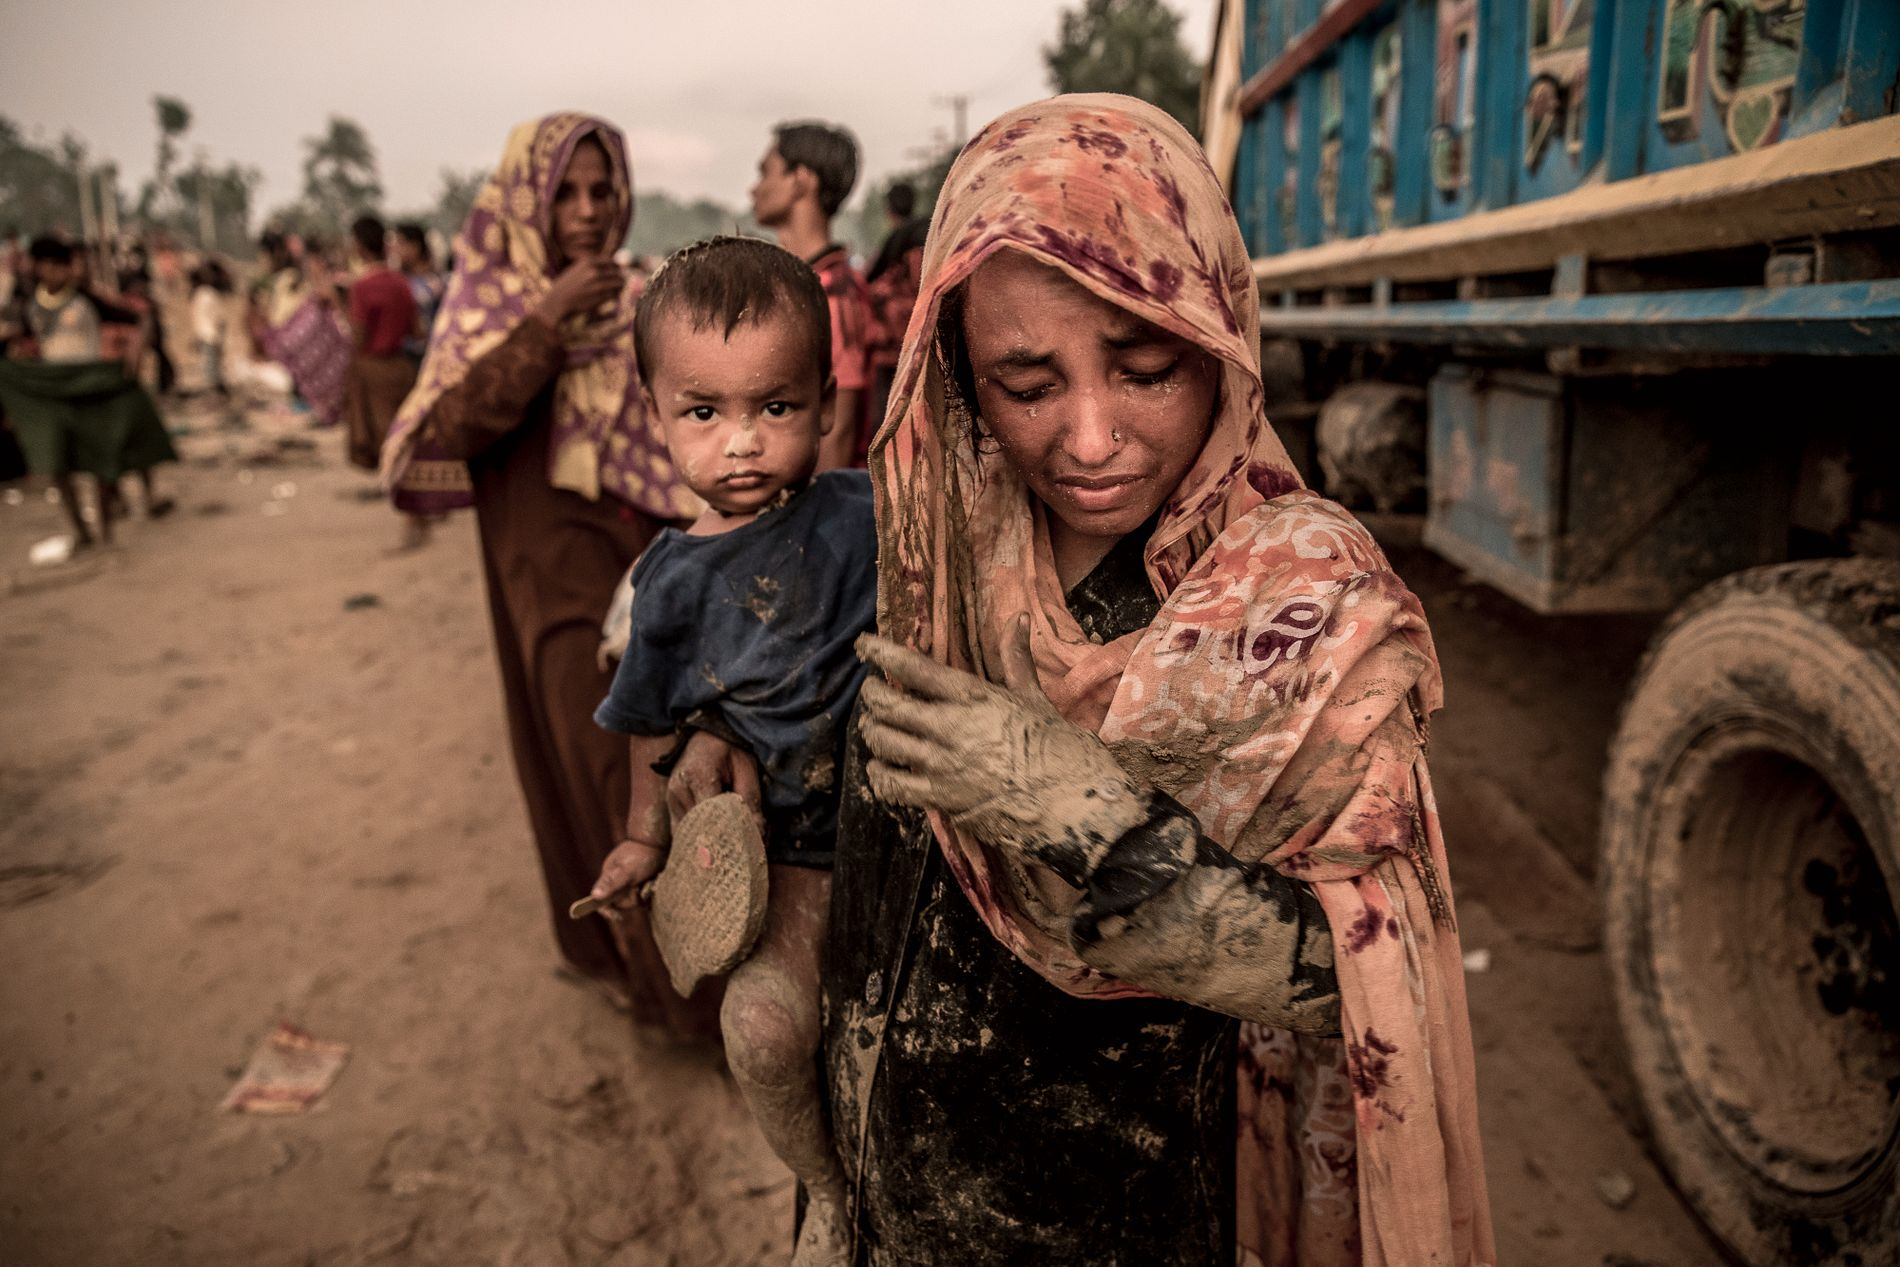 RØMTE: I september i fjor møtte VG mange rohingyaer som hadde flyktet fra hjemlandet, og over grensen til Bangladesh.